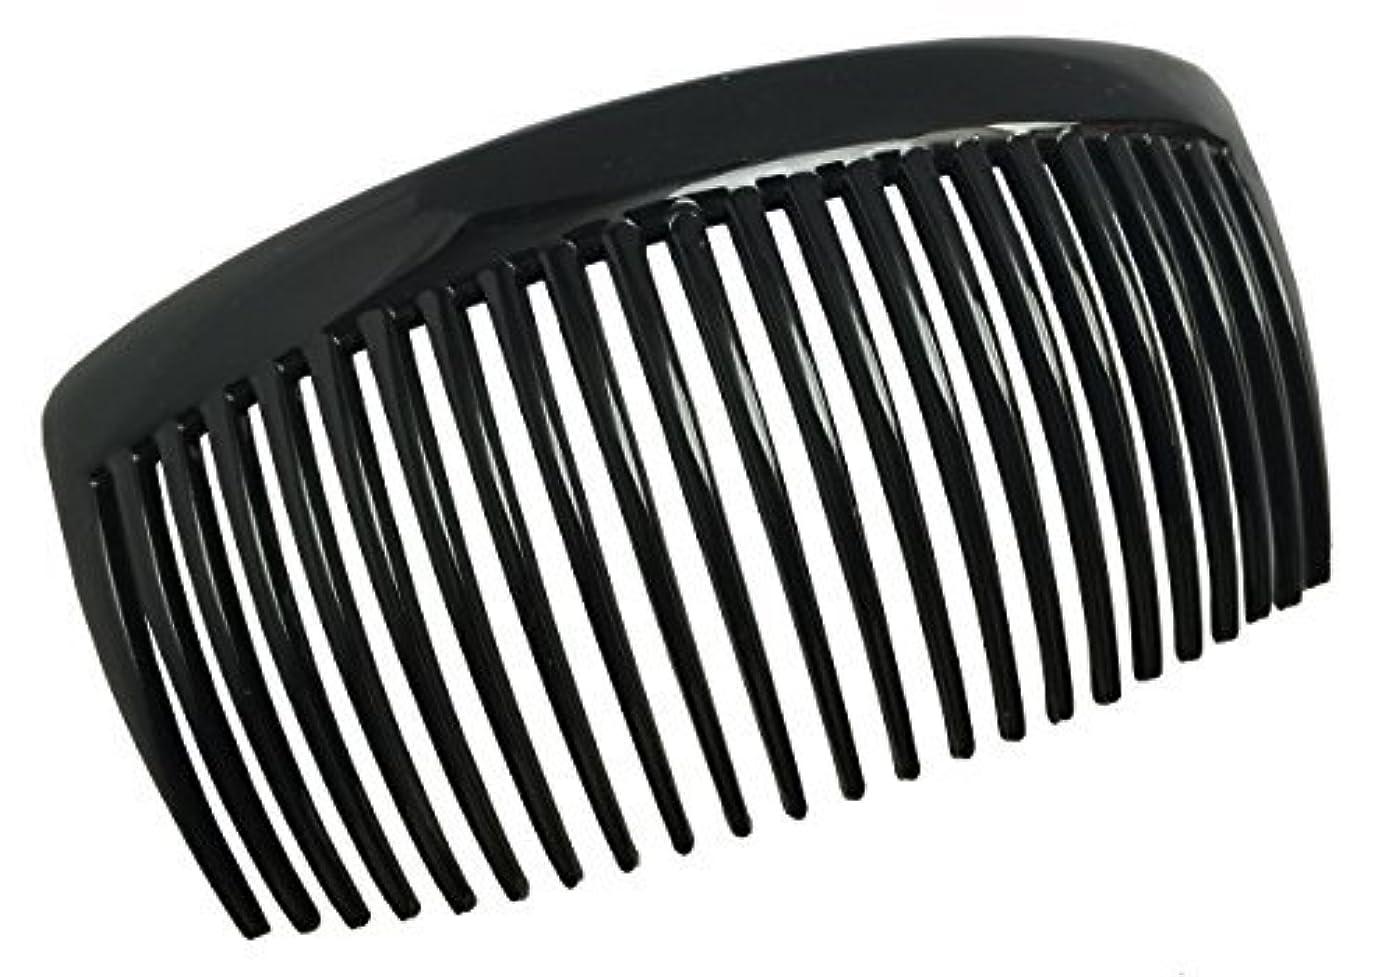 保安人生を作る倍増Parcelona French Large 2 Pieces Glossy Black Cellulose Acetate Good Grip Updo 23 Teeth Hair Side Combs 4.25 Inches...